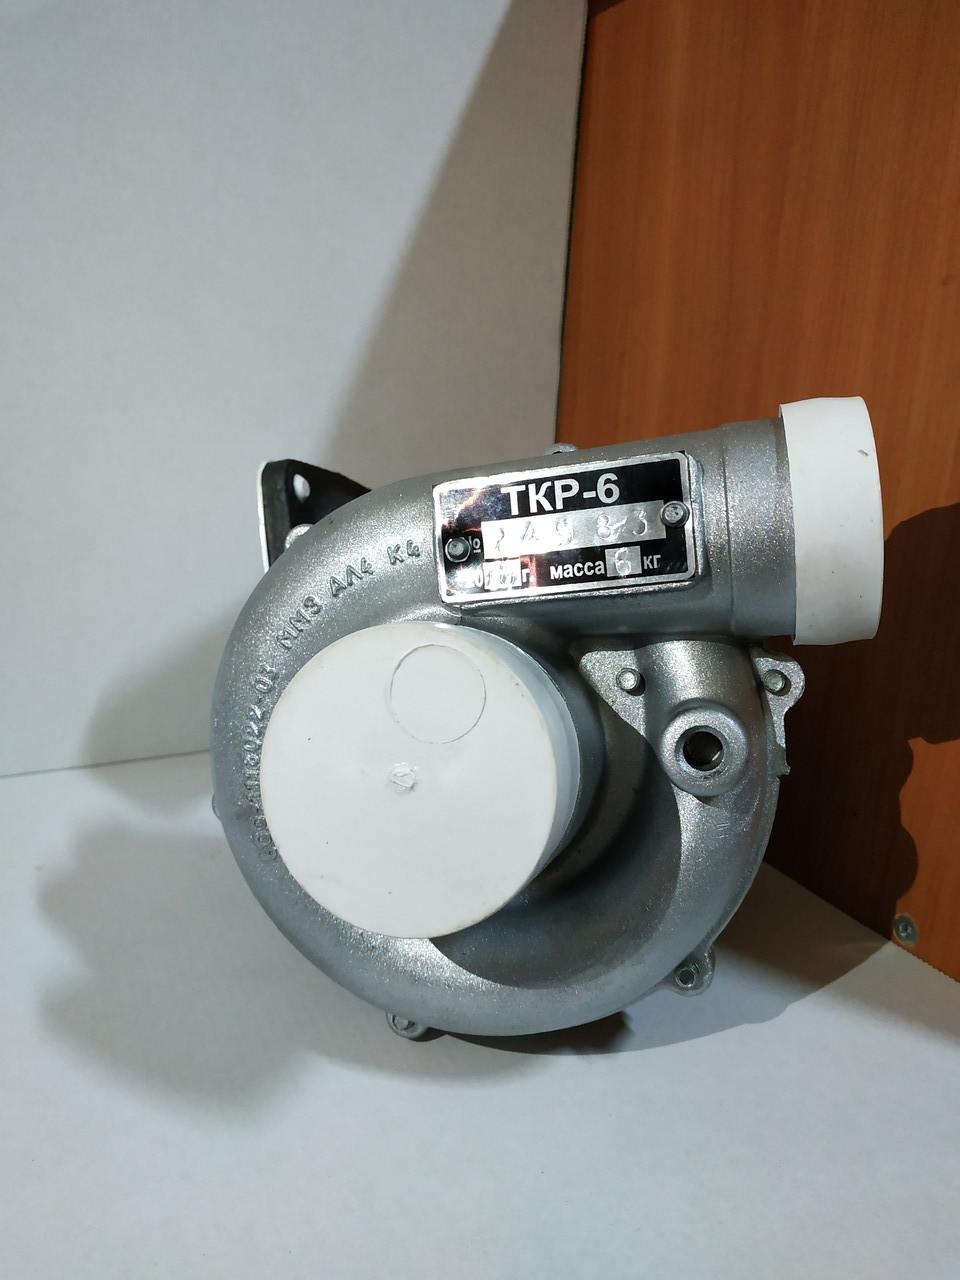 Турбокомпрессор (турбина) ТКР-6 на МТЗ про-во Украина